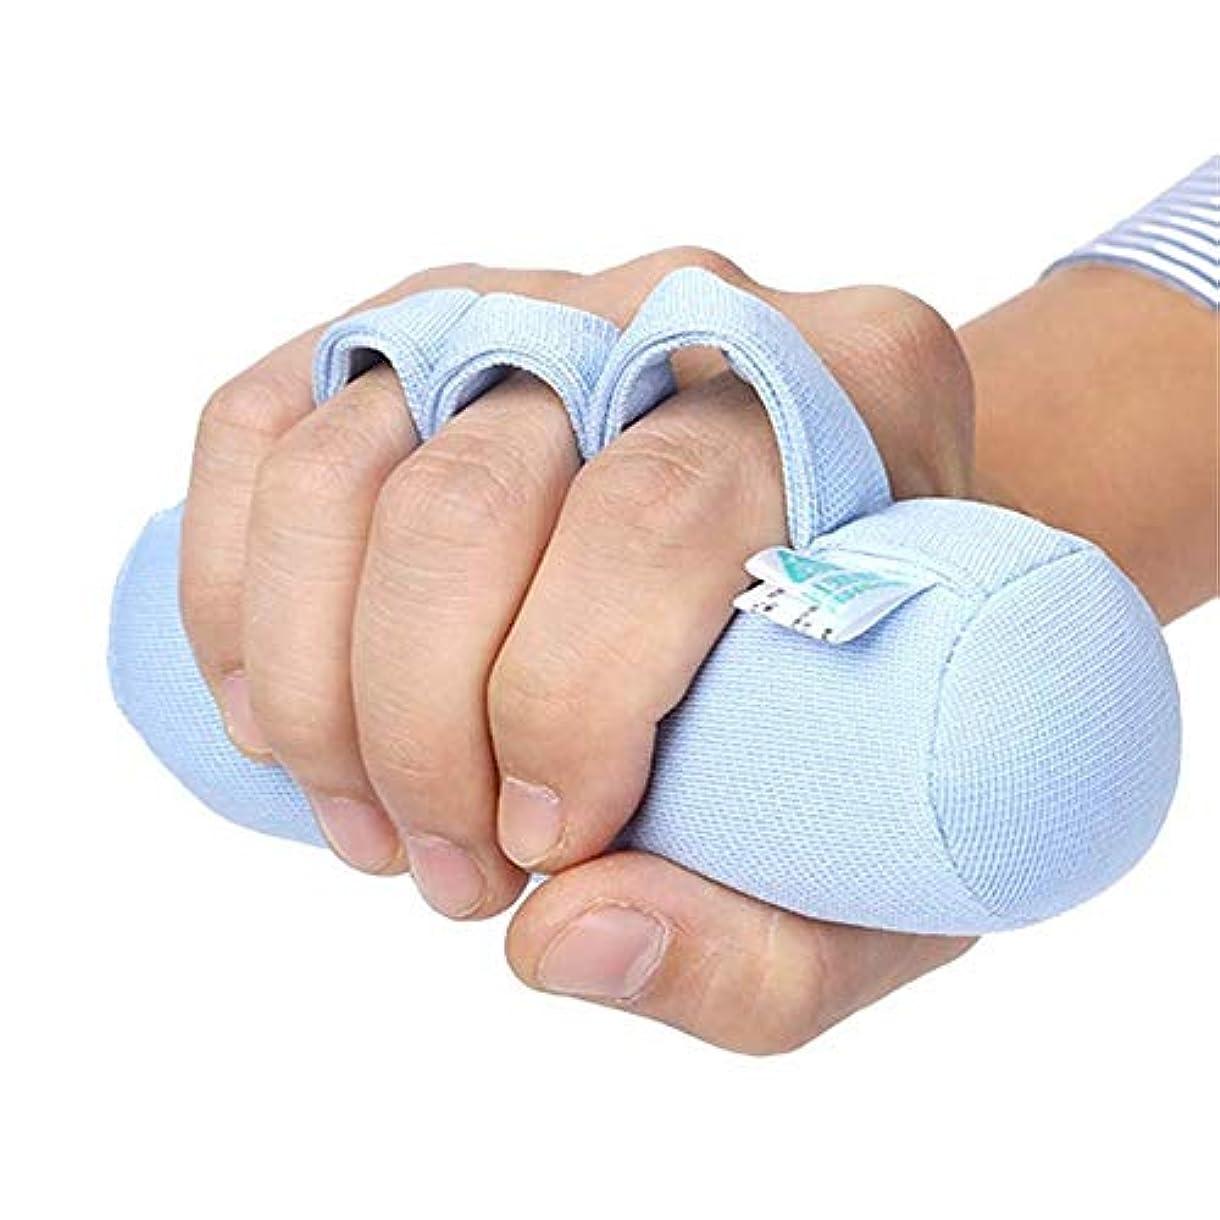 イタリック岸発表する指の怪我のサポート、指のトレーニングリハビリテーション運動ツール右手左手中立手拳ボードを使用